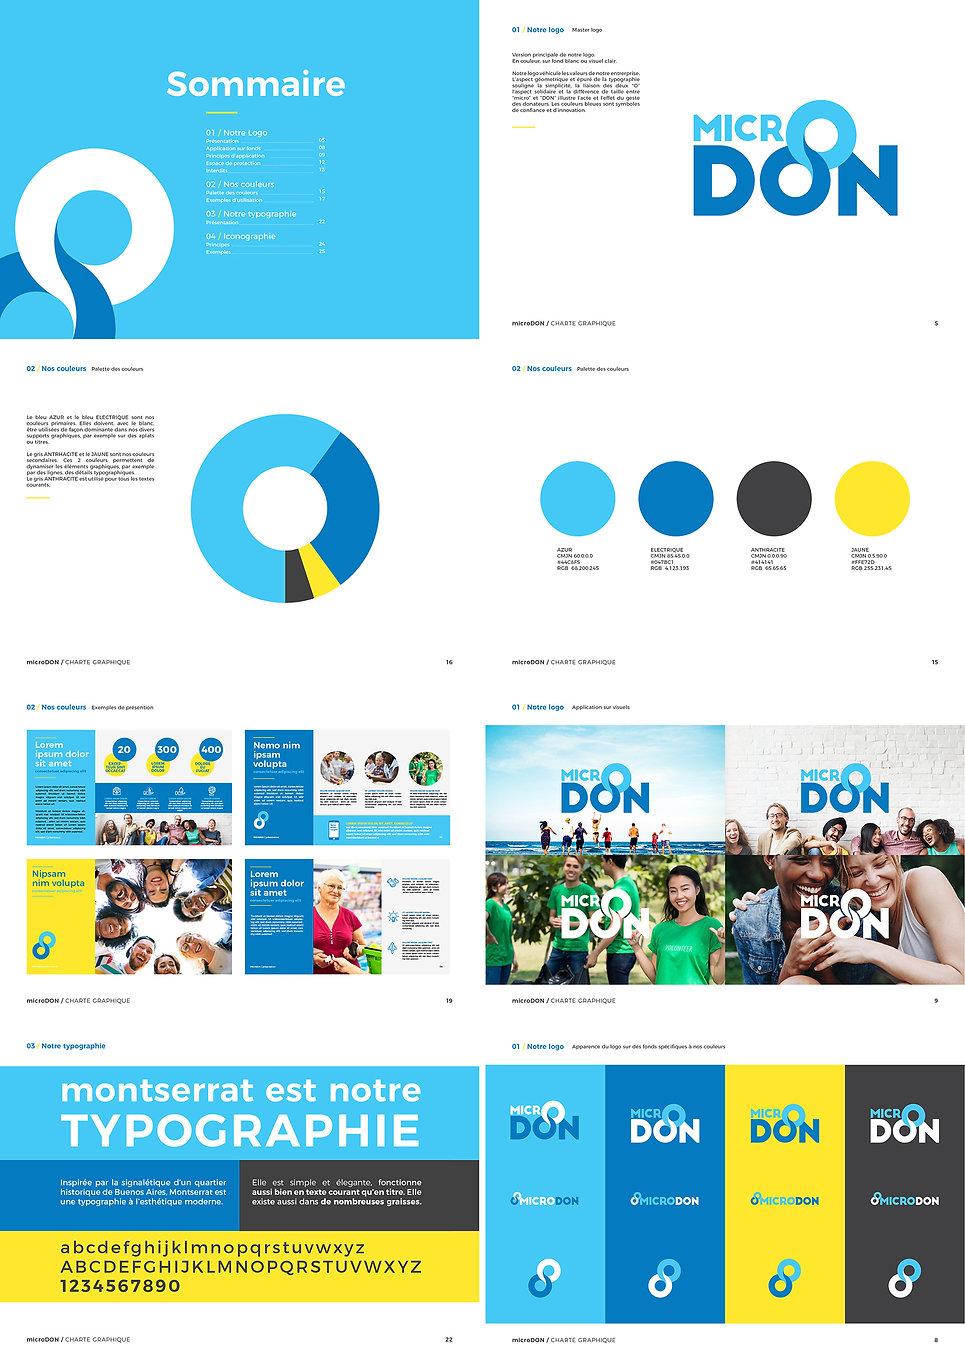 microdon-branding-01.jpg